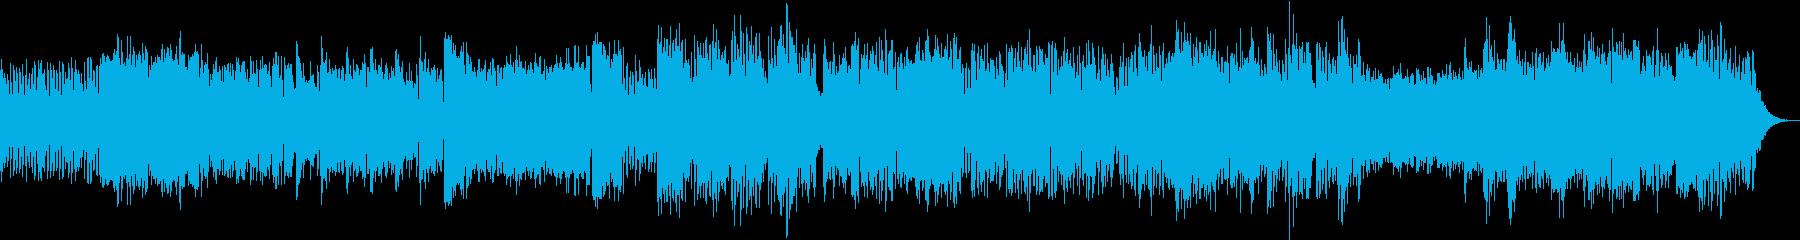 パイプオルガンと不思議なオーケストラの再生済みの波形